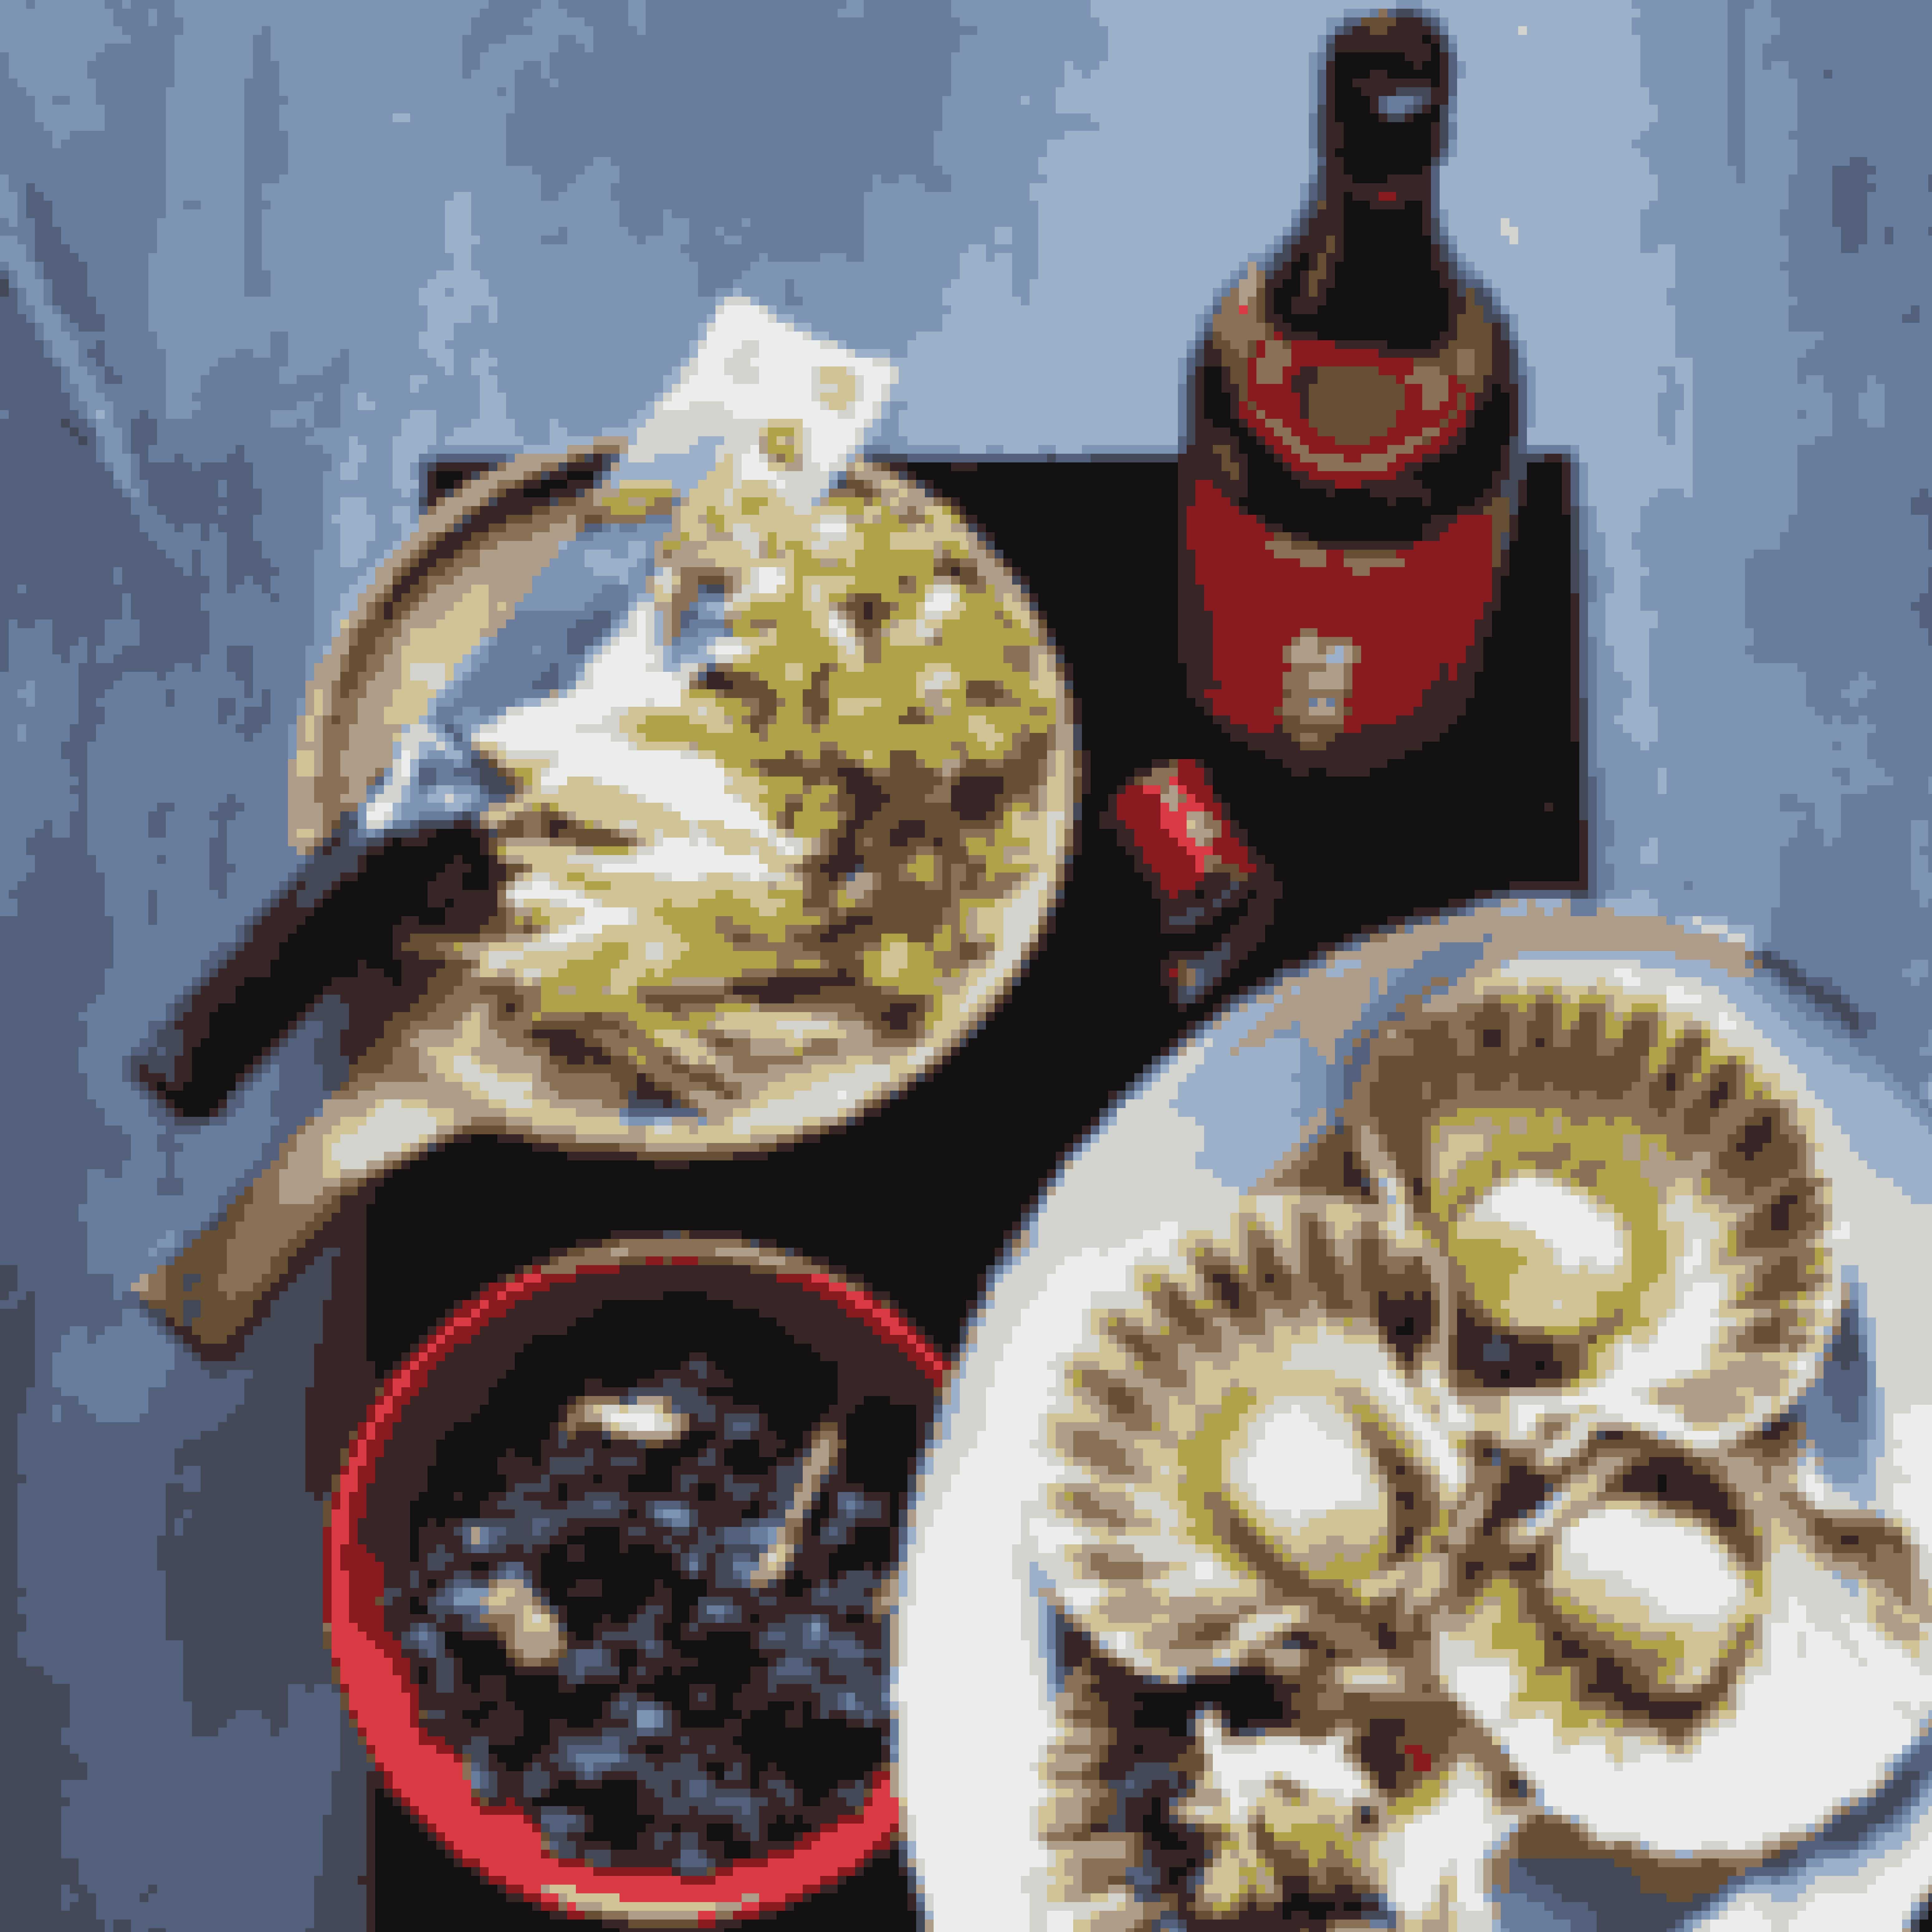 Hvis du er til smagsnoter fra det asiatiske køkken, vil du med garanti være vild med dampede kammuslinger i shaoxing-vin. Få opskriften her!